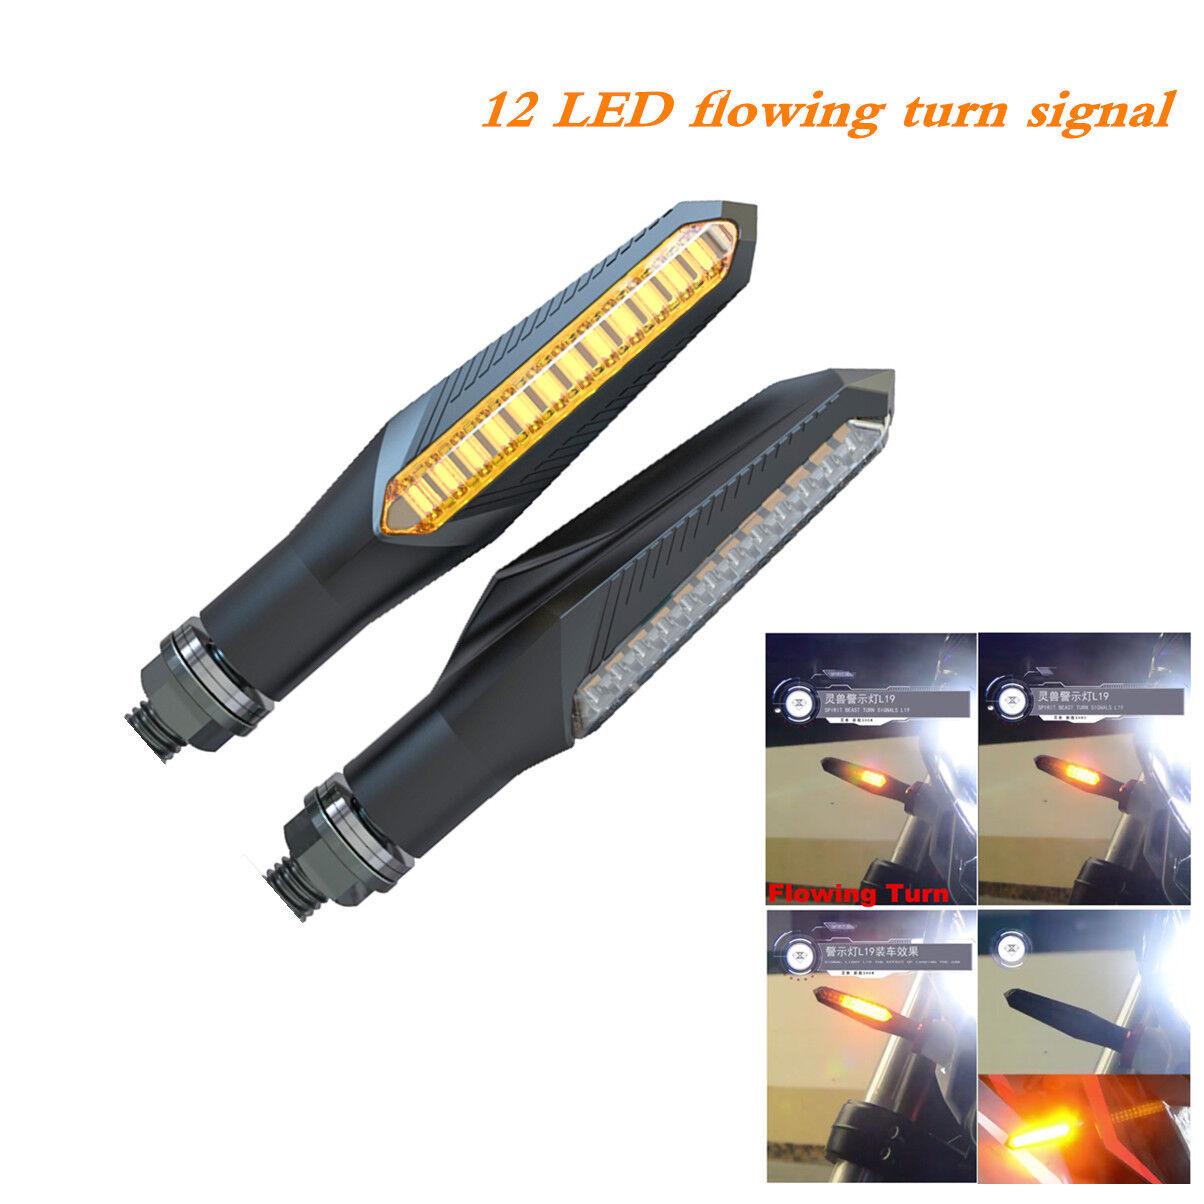 12 LED flowing turn signal motorbike warning light flow indicator spirit beast